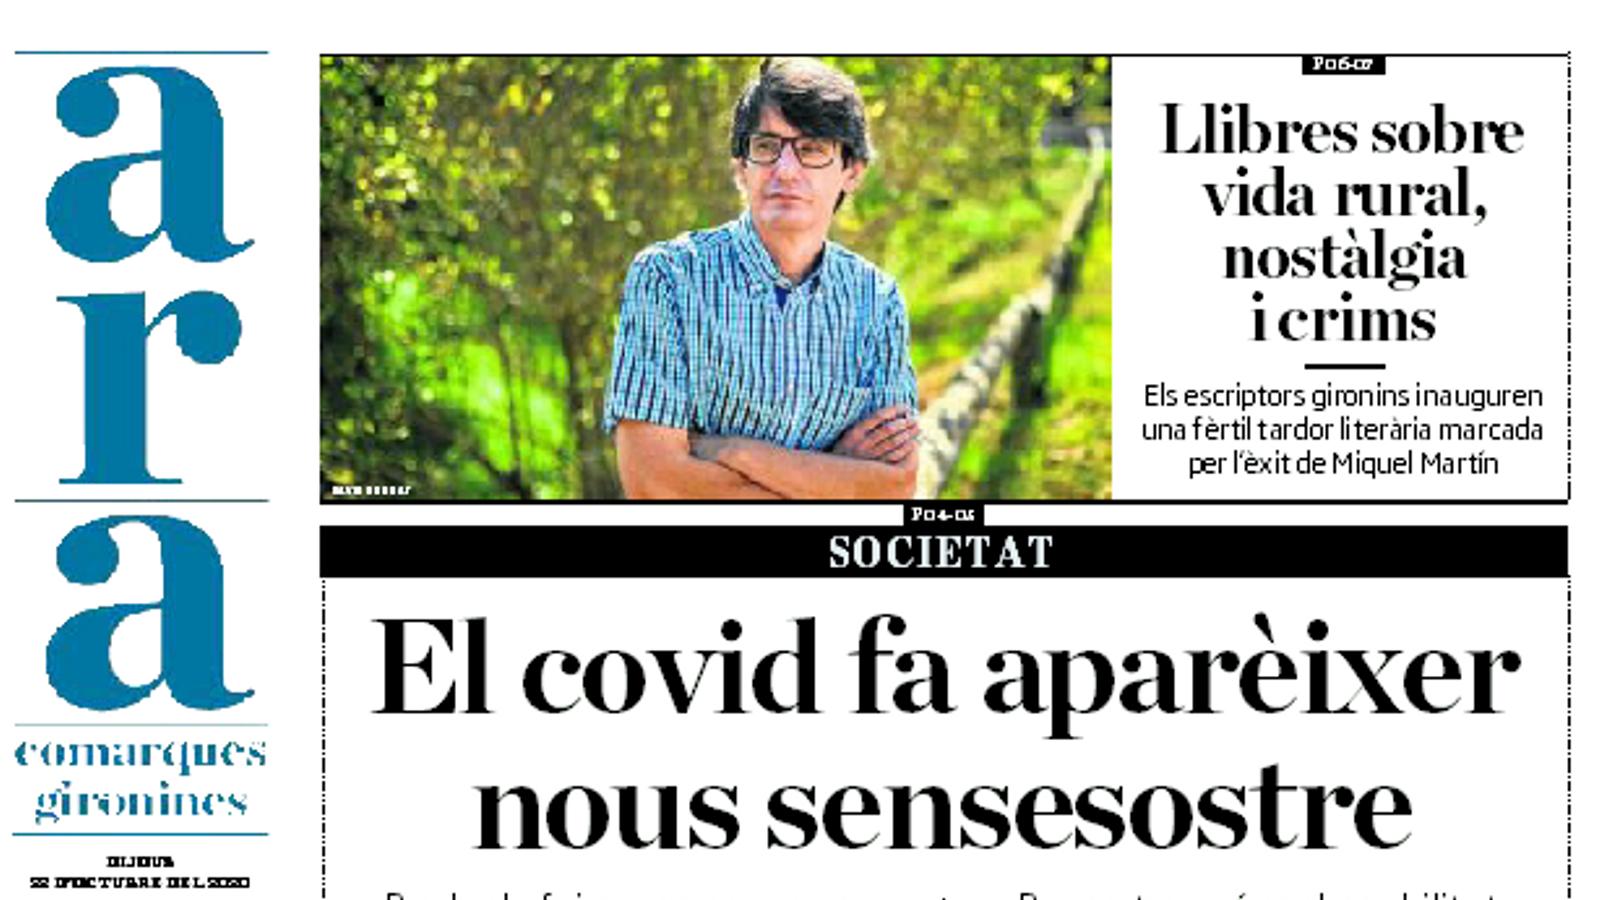 'ARA comarques gironines': El covid fa aparèixer nous sensesostre